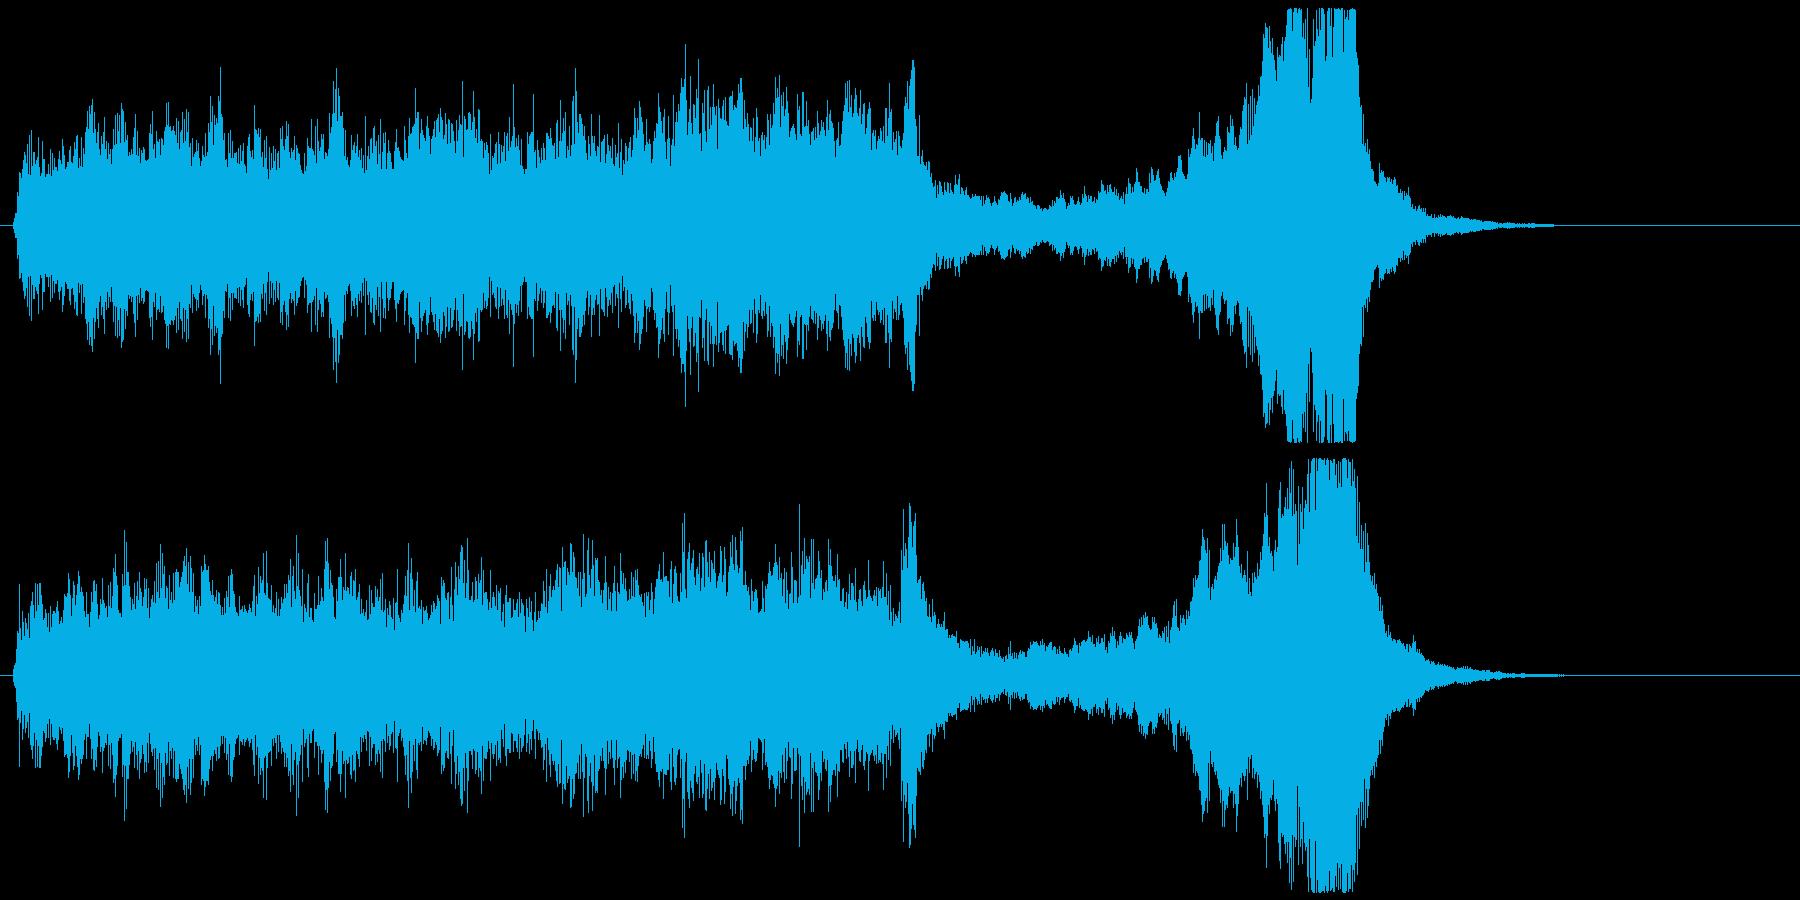 はじまりを予感させるオーケストラジングルの再生済みの波形